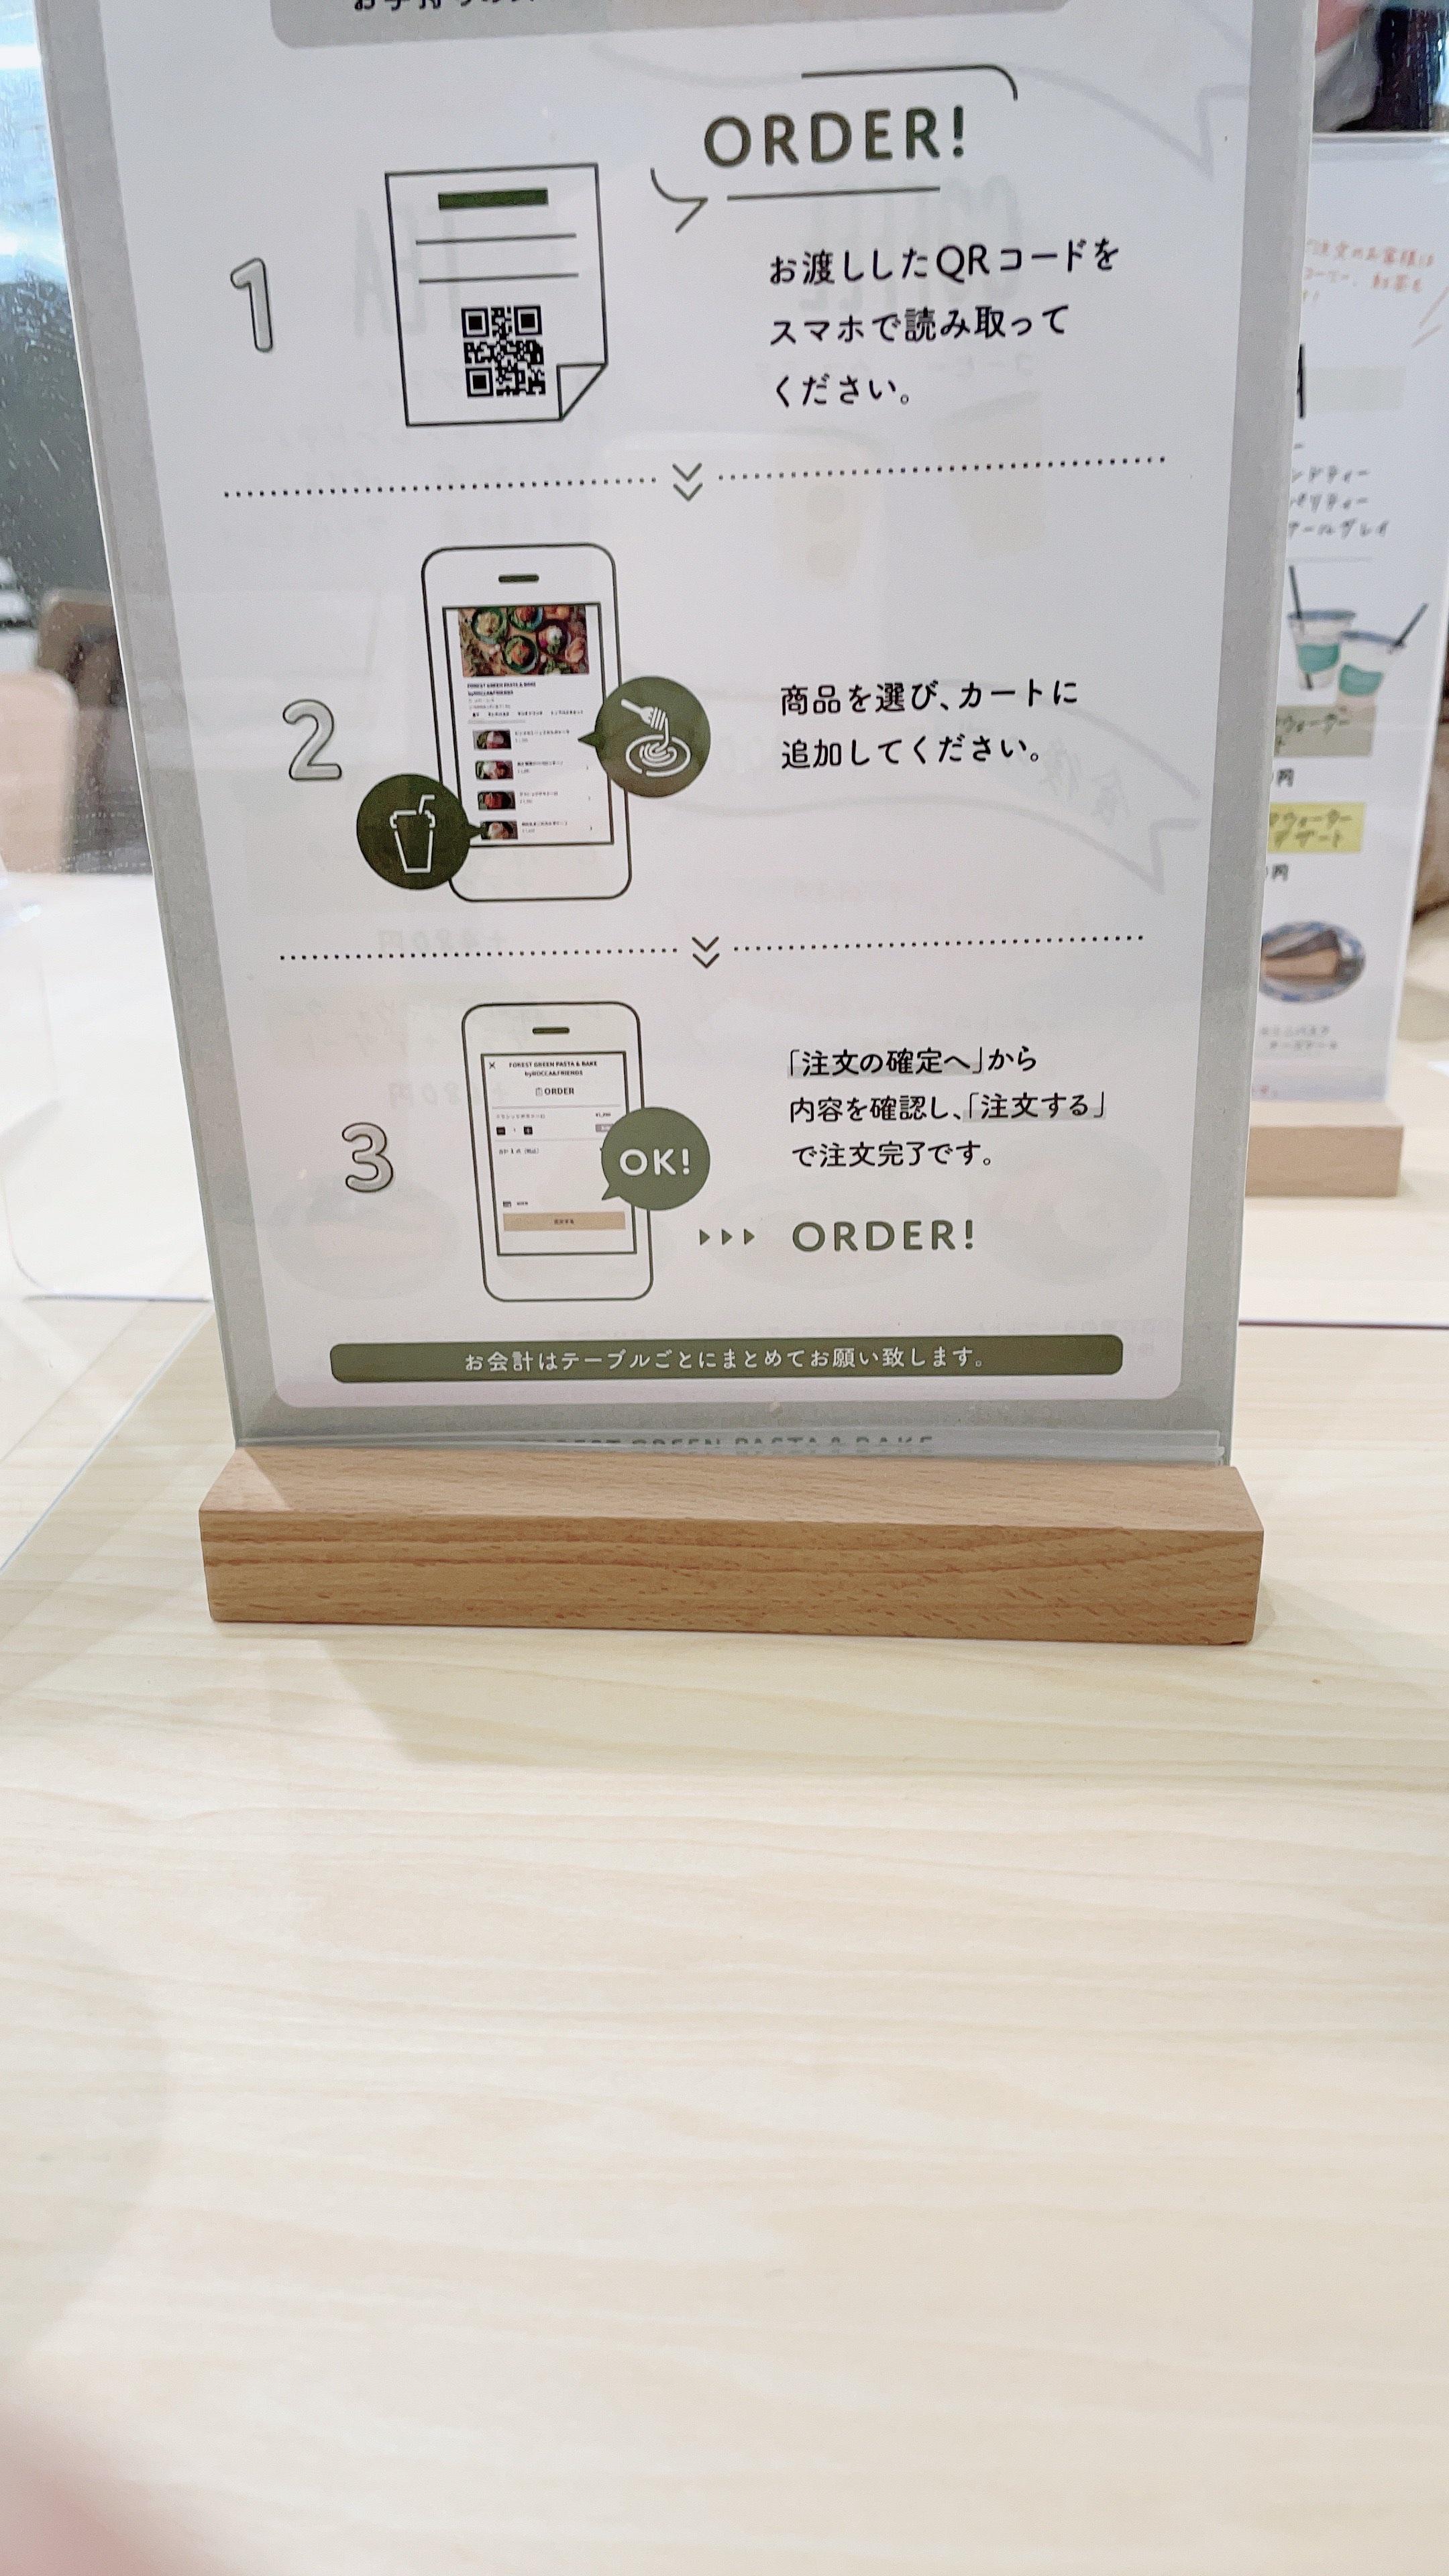 モバイルオーダー